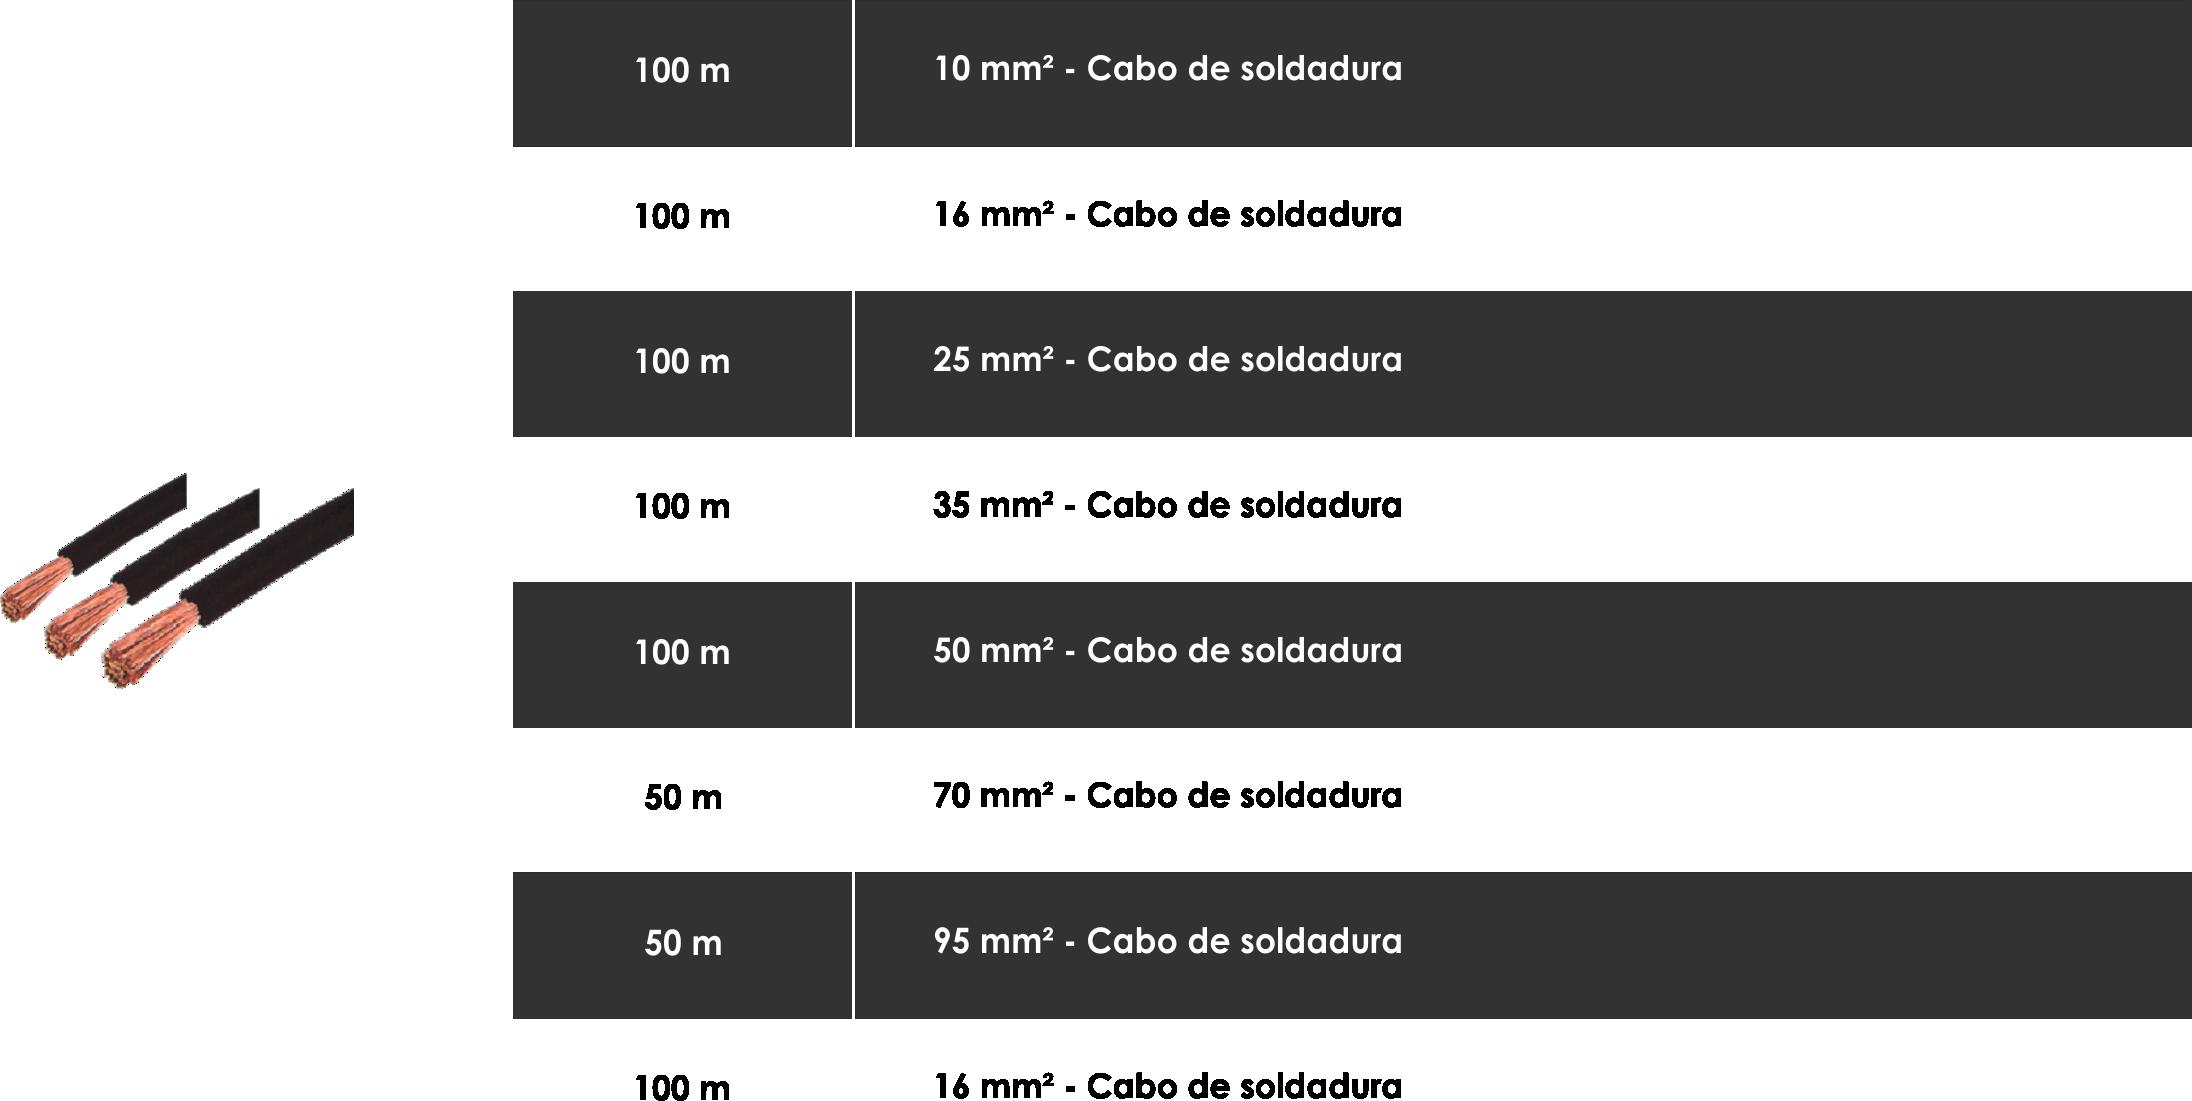 cabos_soldadura